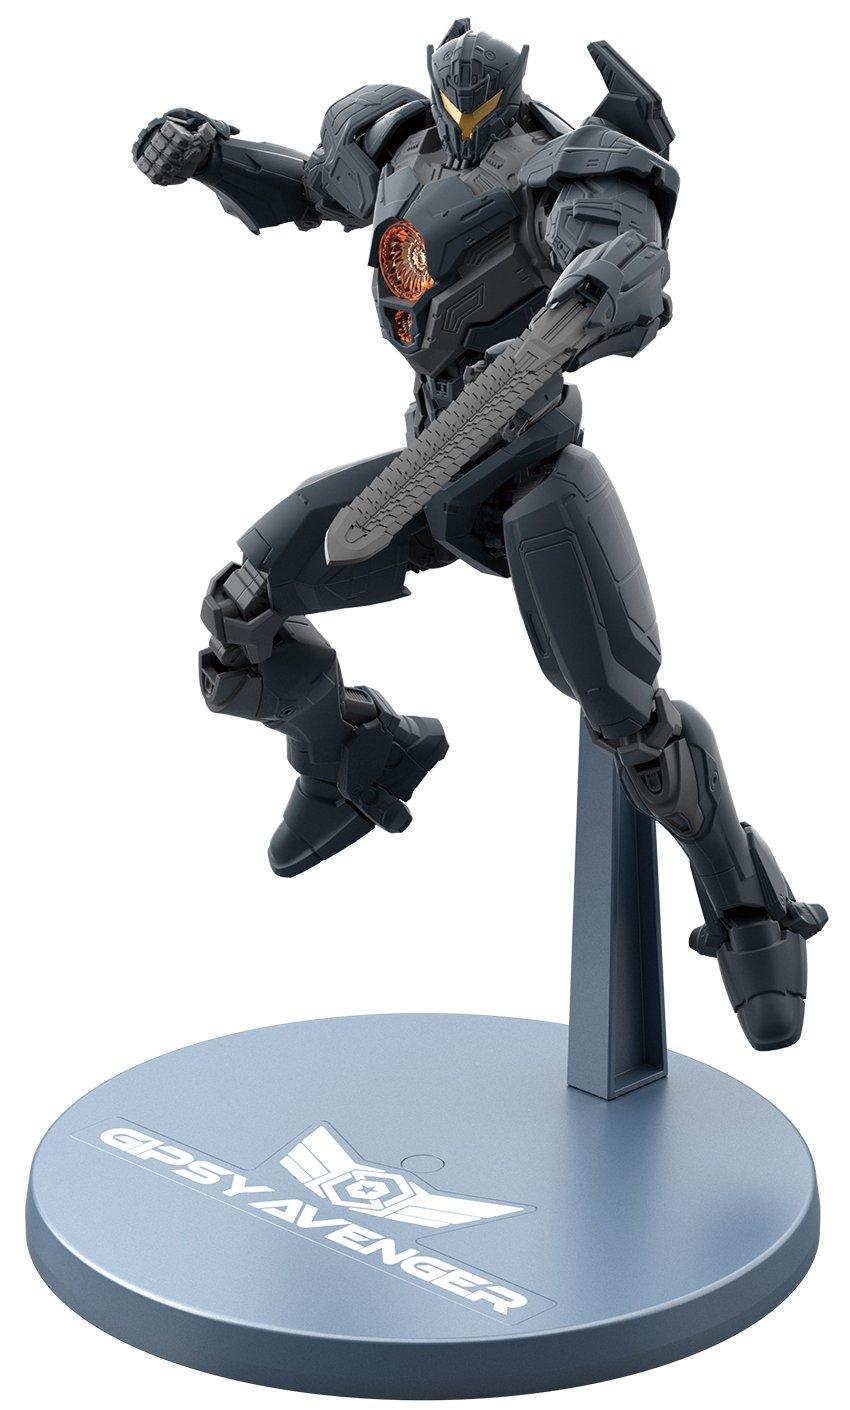 HG パシフィック・リム ジプシー・アベンジャー DXセット 色分け済みプラモデル